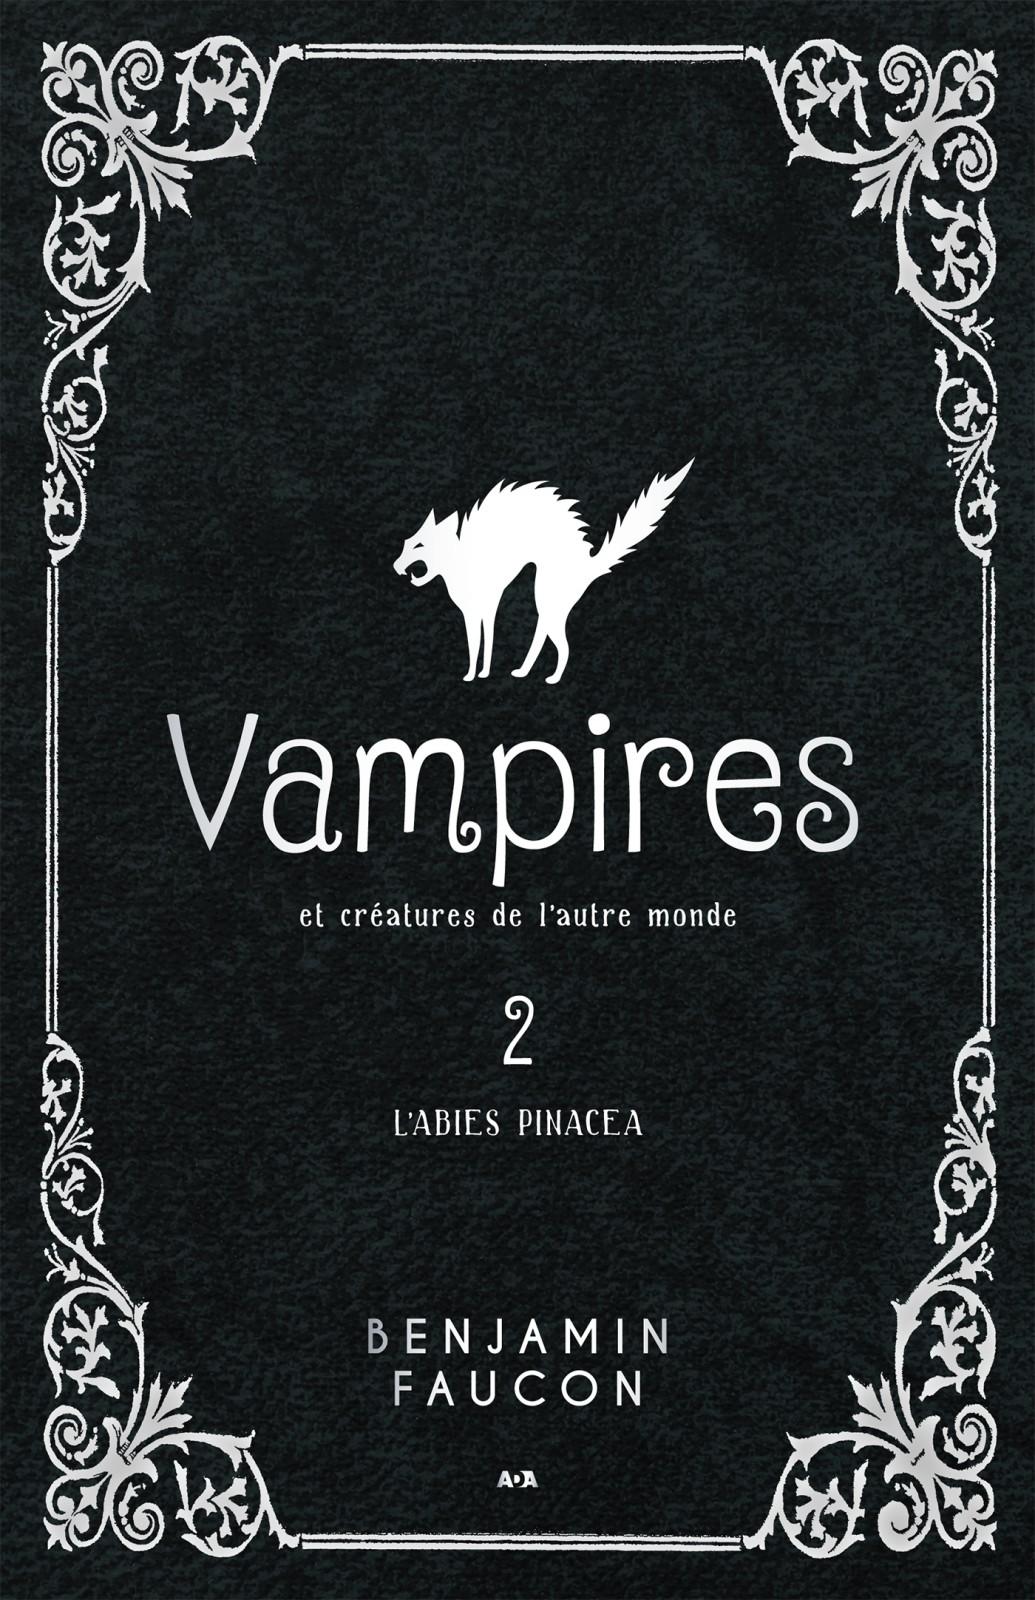 Vampires et créatures de l'autre monde